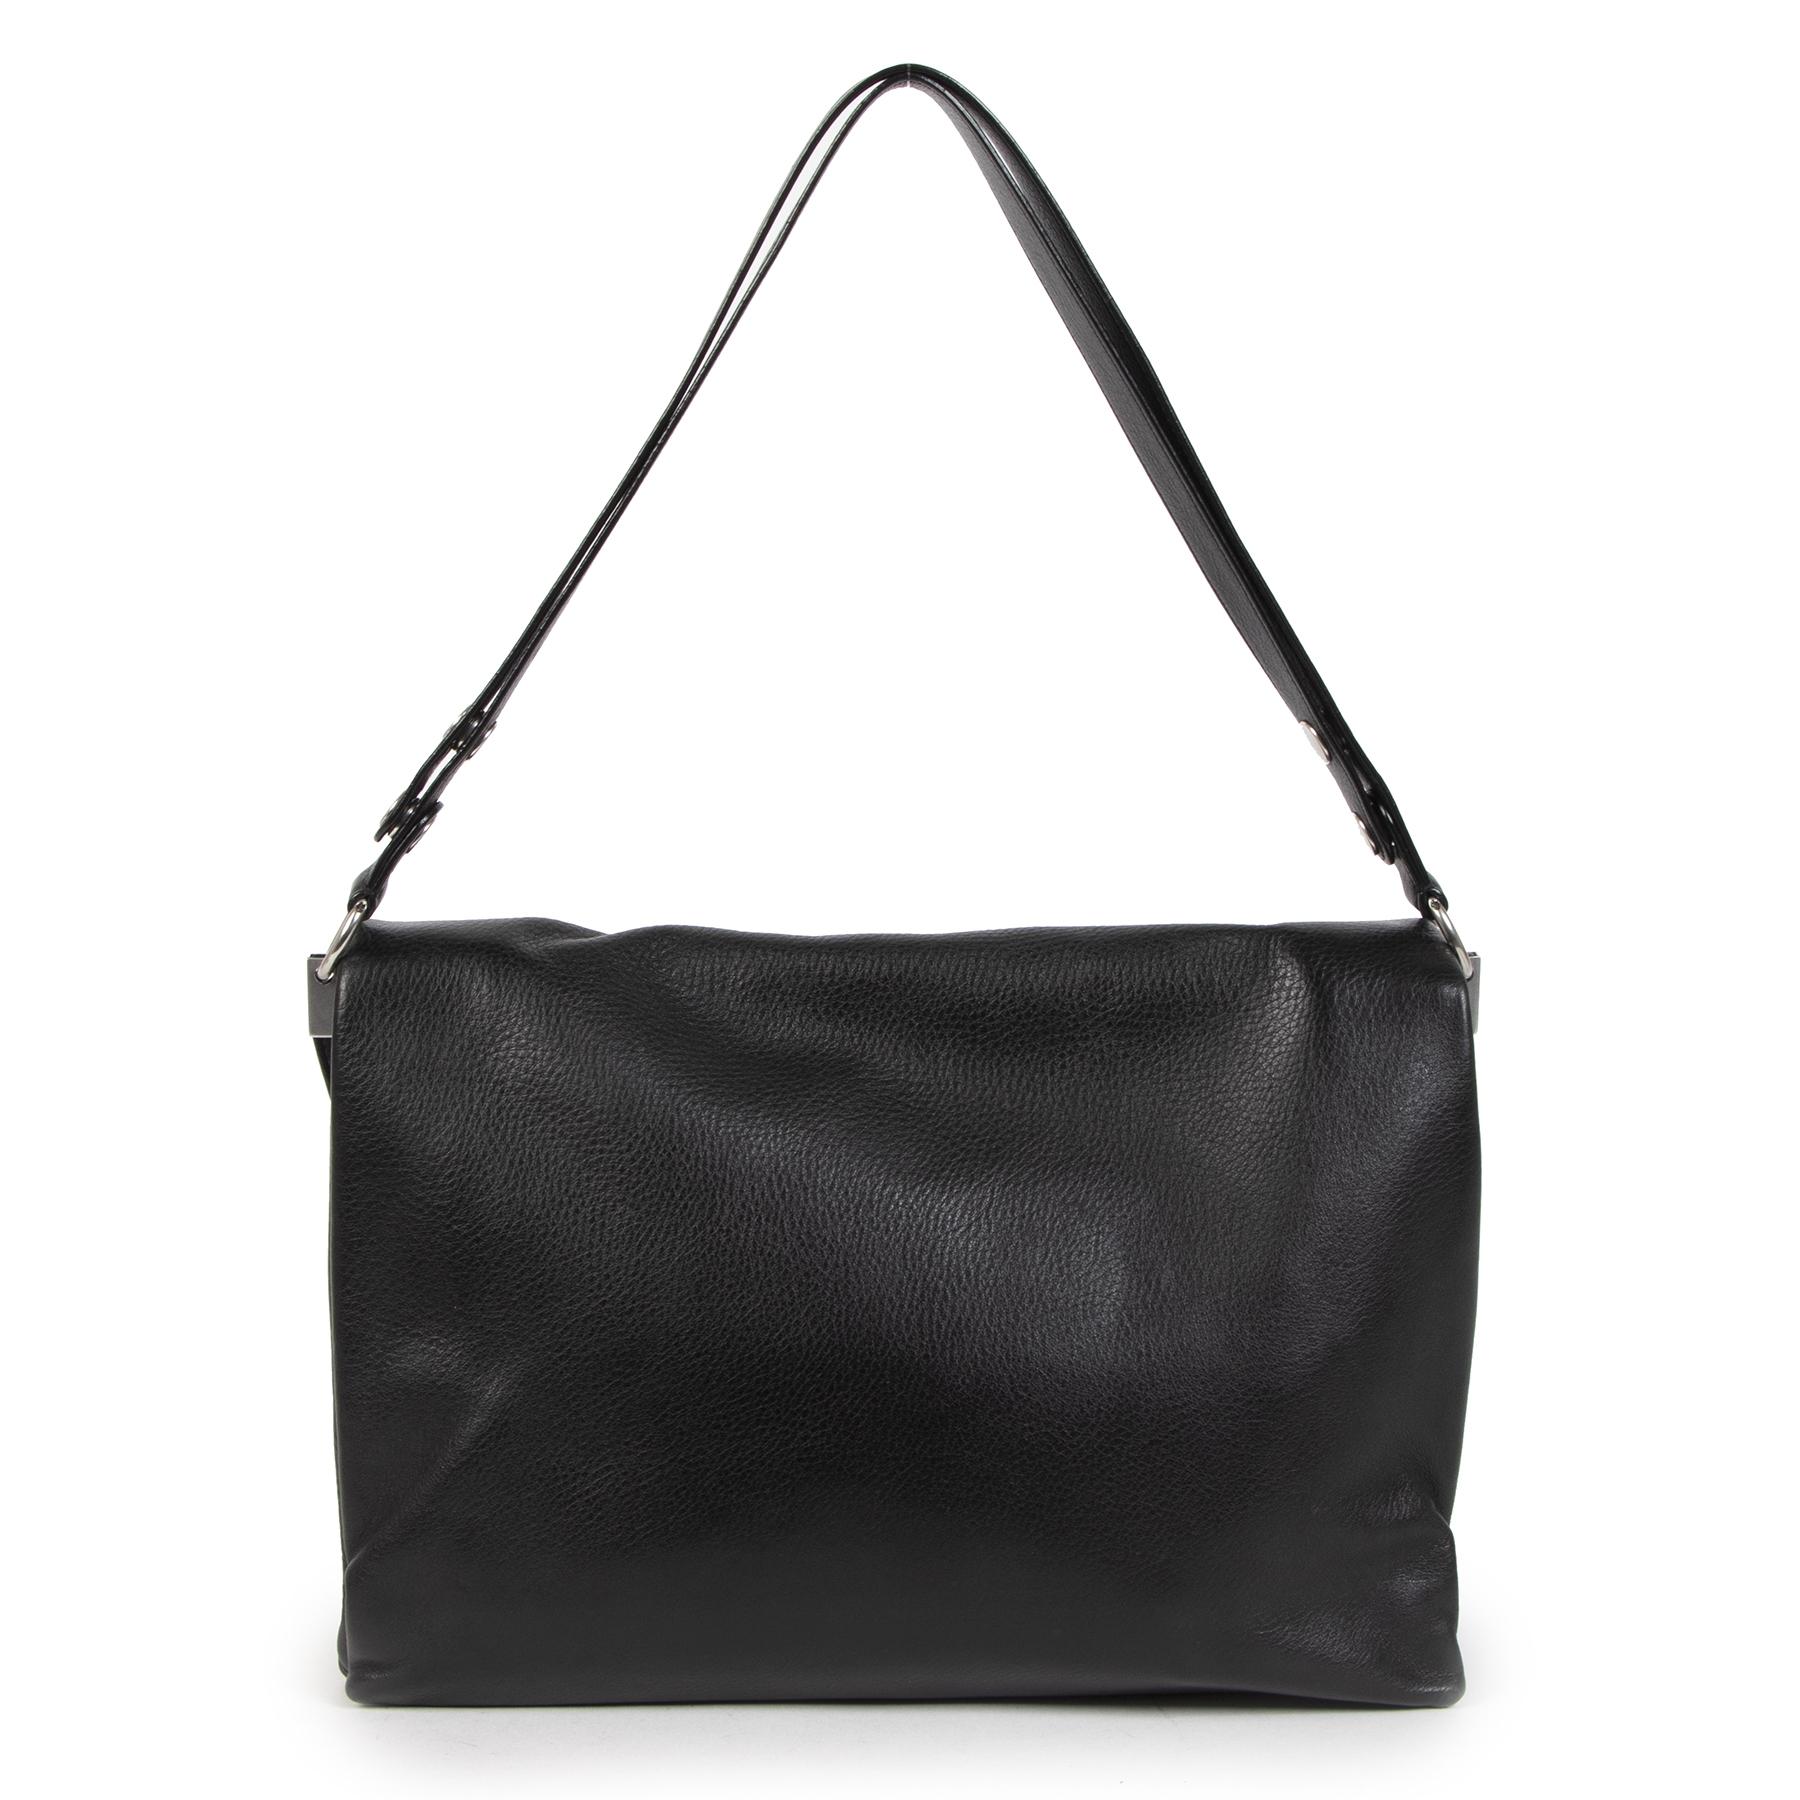 Authentieke Tweedehands Céline Blade Black Calfskin Flap Bag juiste prijs veilig online shoppen luxe merken webshop winkelen Antwerpen België mode fashion